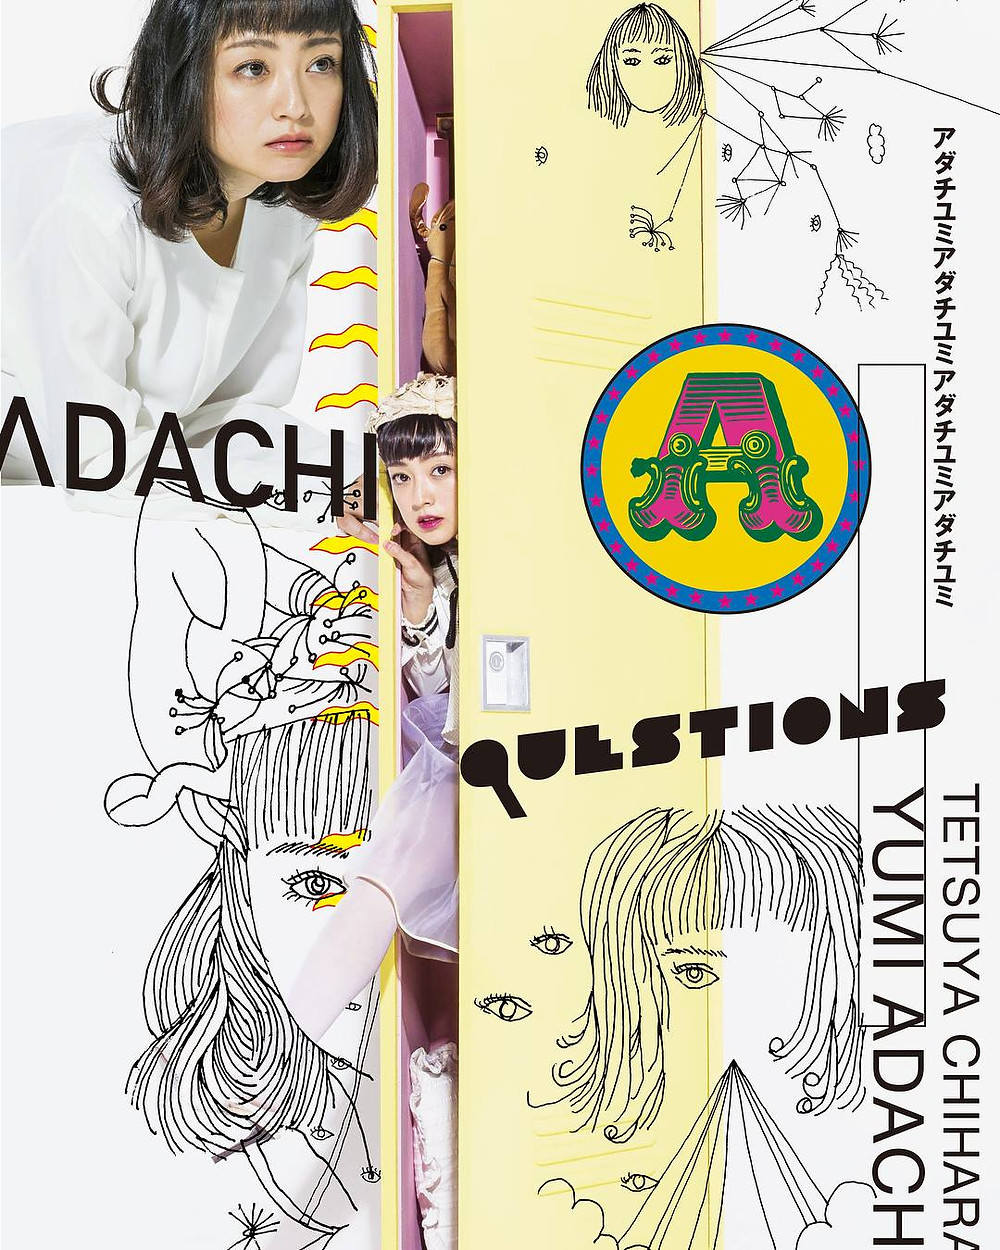 安達祐実と、アートディレクター 千原徹也の世にも不思議な組み合わせのアート展「questions〜安達と変と新しいをまぜるとアートになる〜」展